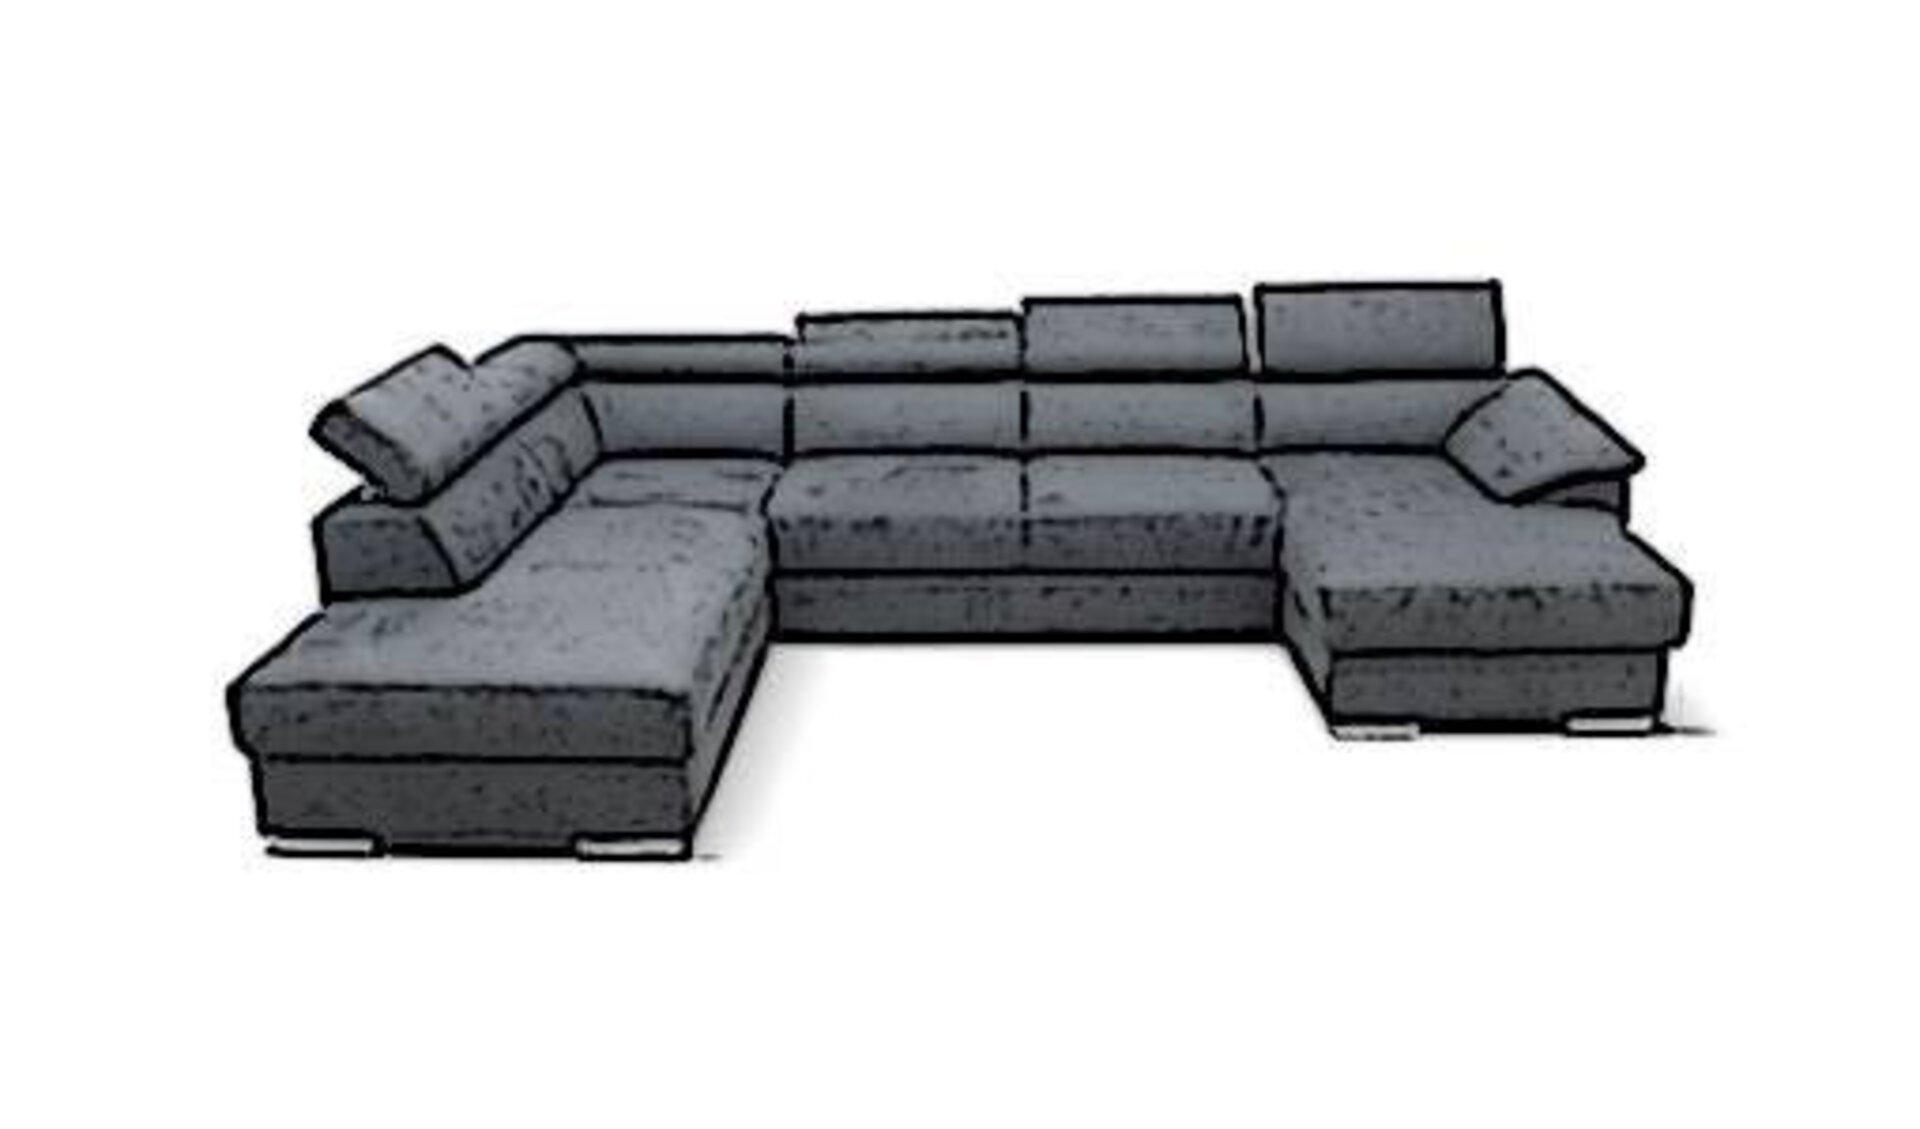 """Die Kategorie """"Wohnlandschaft"""" innerhalb """"Sofa und Couches"""" wird durch ein großes dunkelgraues Sofa dargestellt. Das Sofa hat eine U-Form und zeigt verstellbare Rückenlehnen und Kopfstützen."""